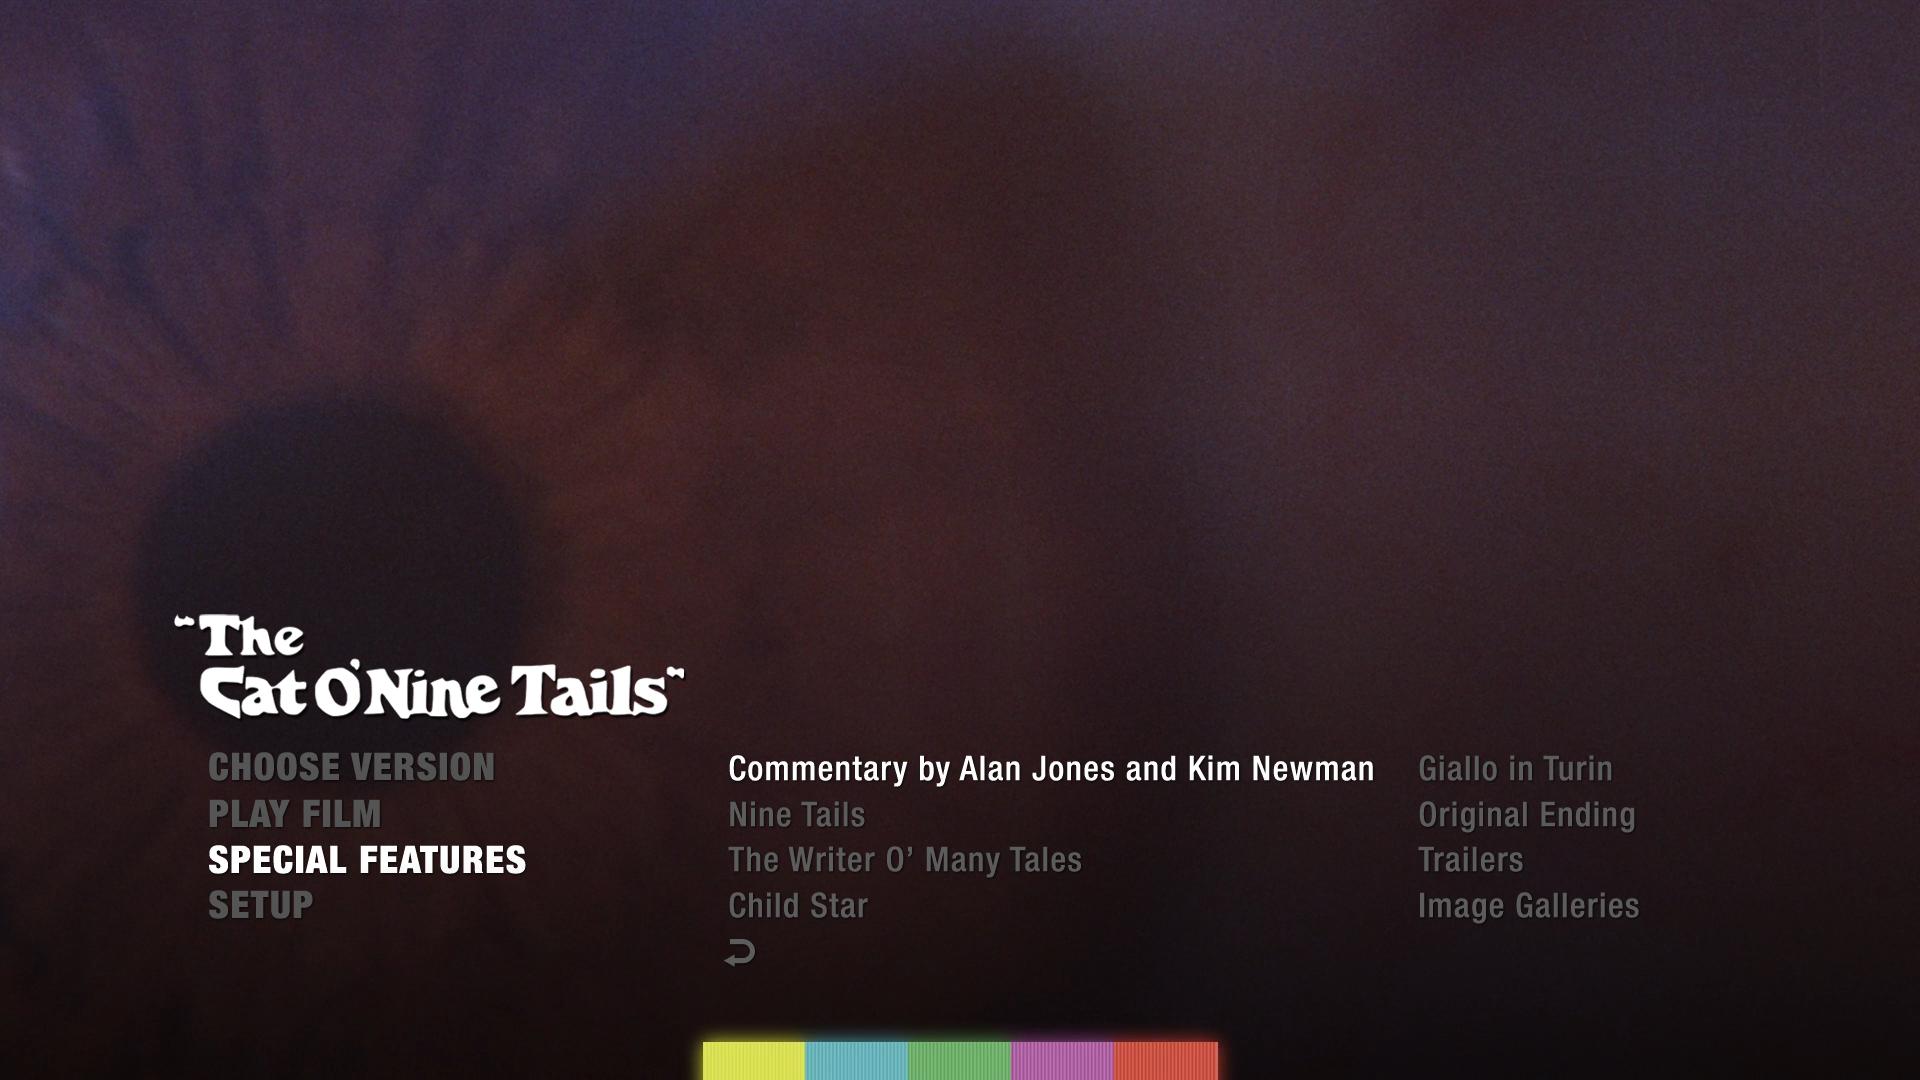 The Cat O'Nine Tails 4K extras menu